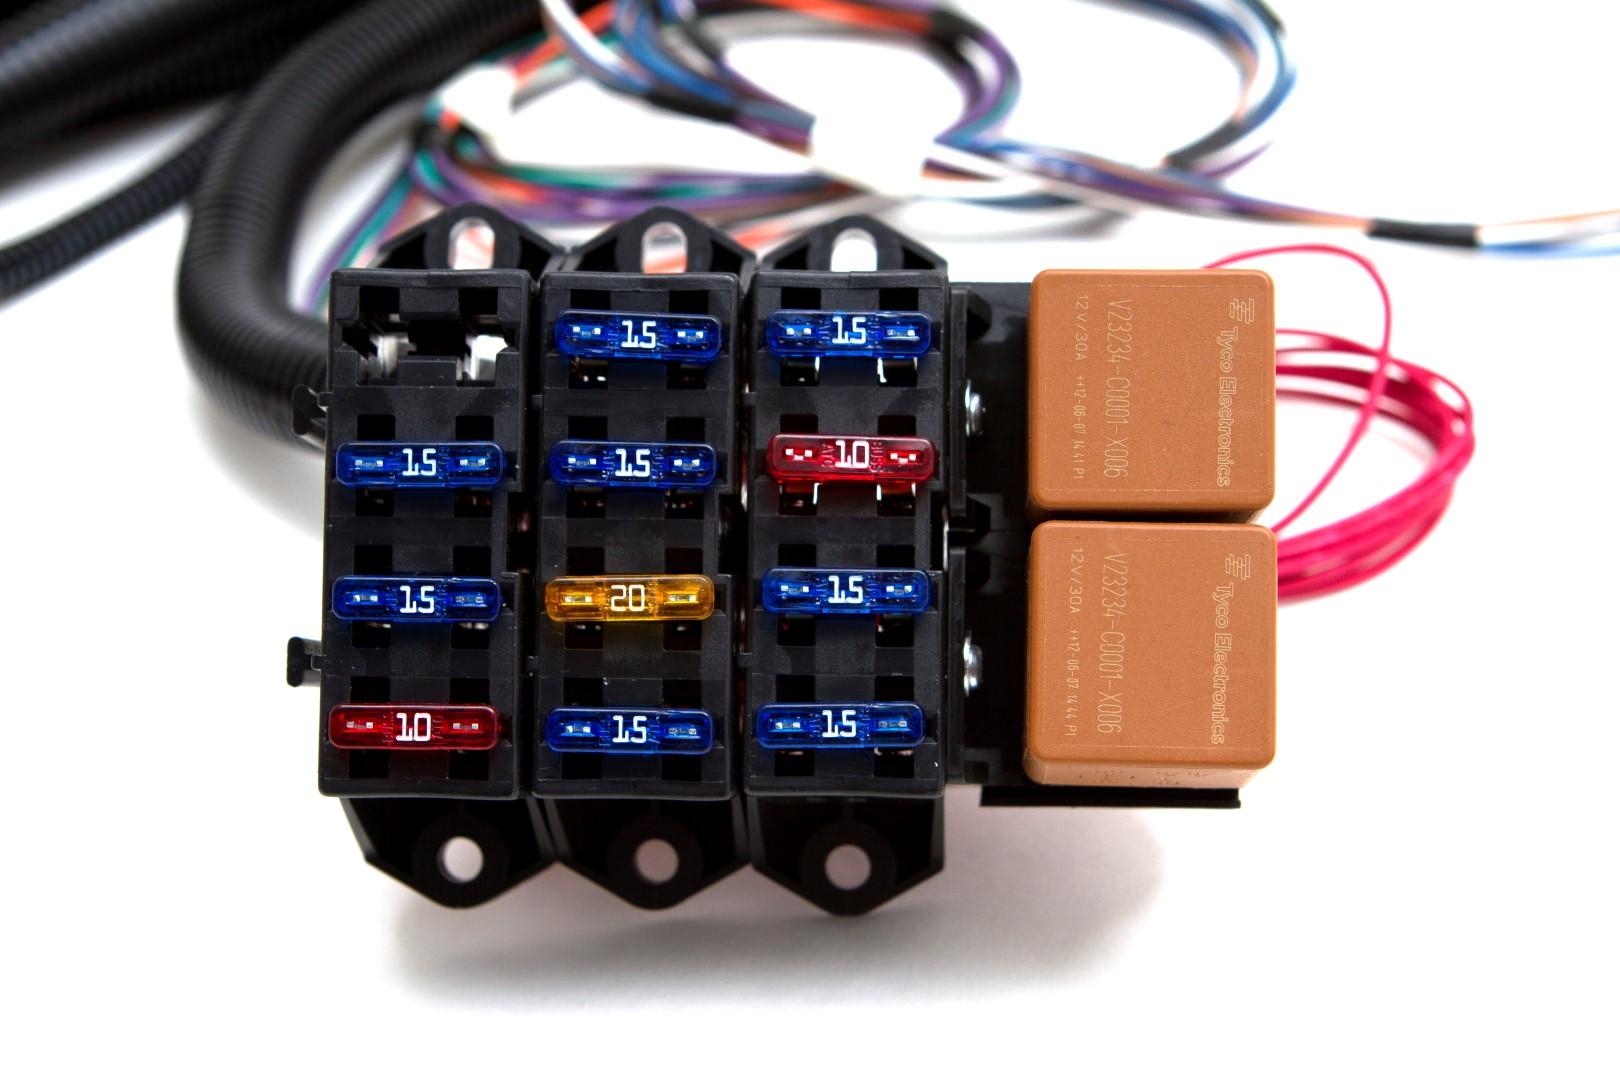 wiring diagram for 2007 chevy silverado  08  13 ls3  6 2l  standalone    wiring    harness w 4l60e   08  13 ls3  6 2l  standalone    wiring    harness w 4l60e